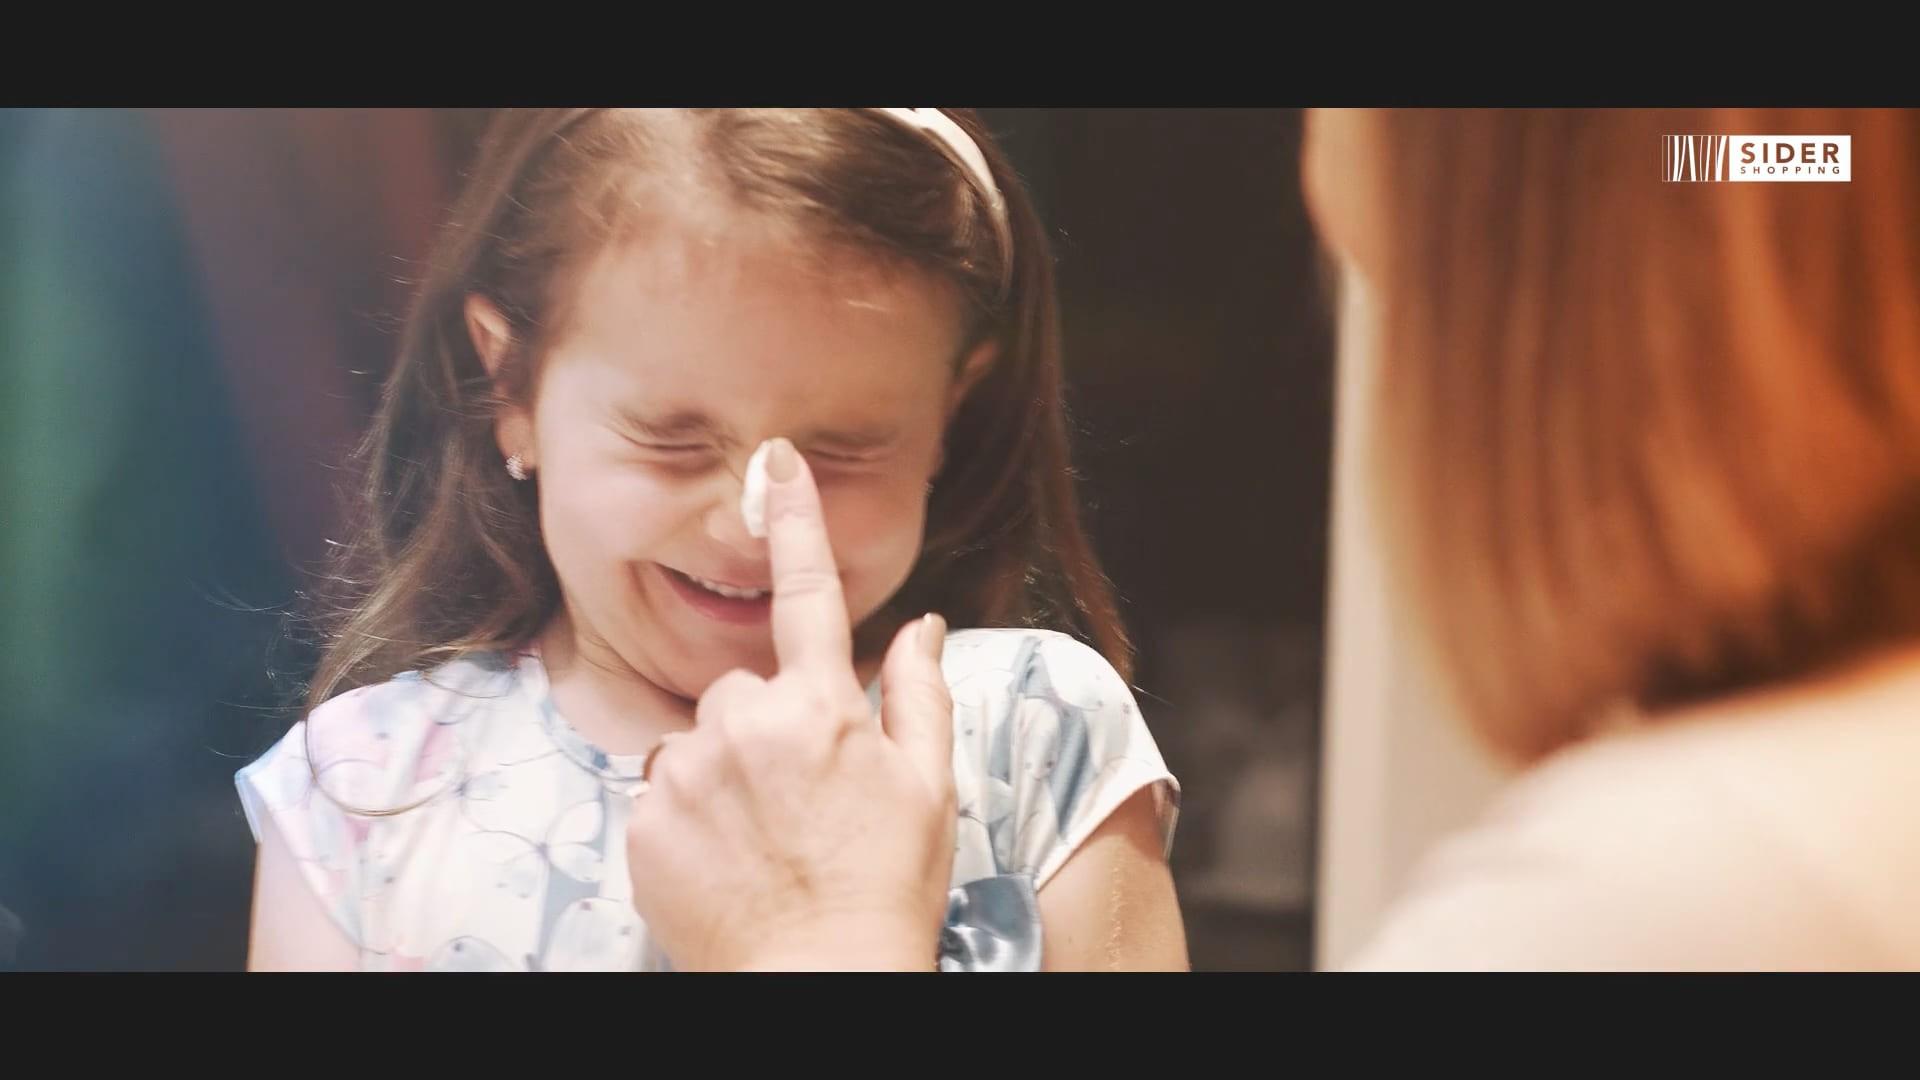 DIFERENCIAL CRIATIVO PRODUZ FILME DE NATAL DO SIDER SHOPPING